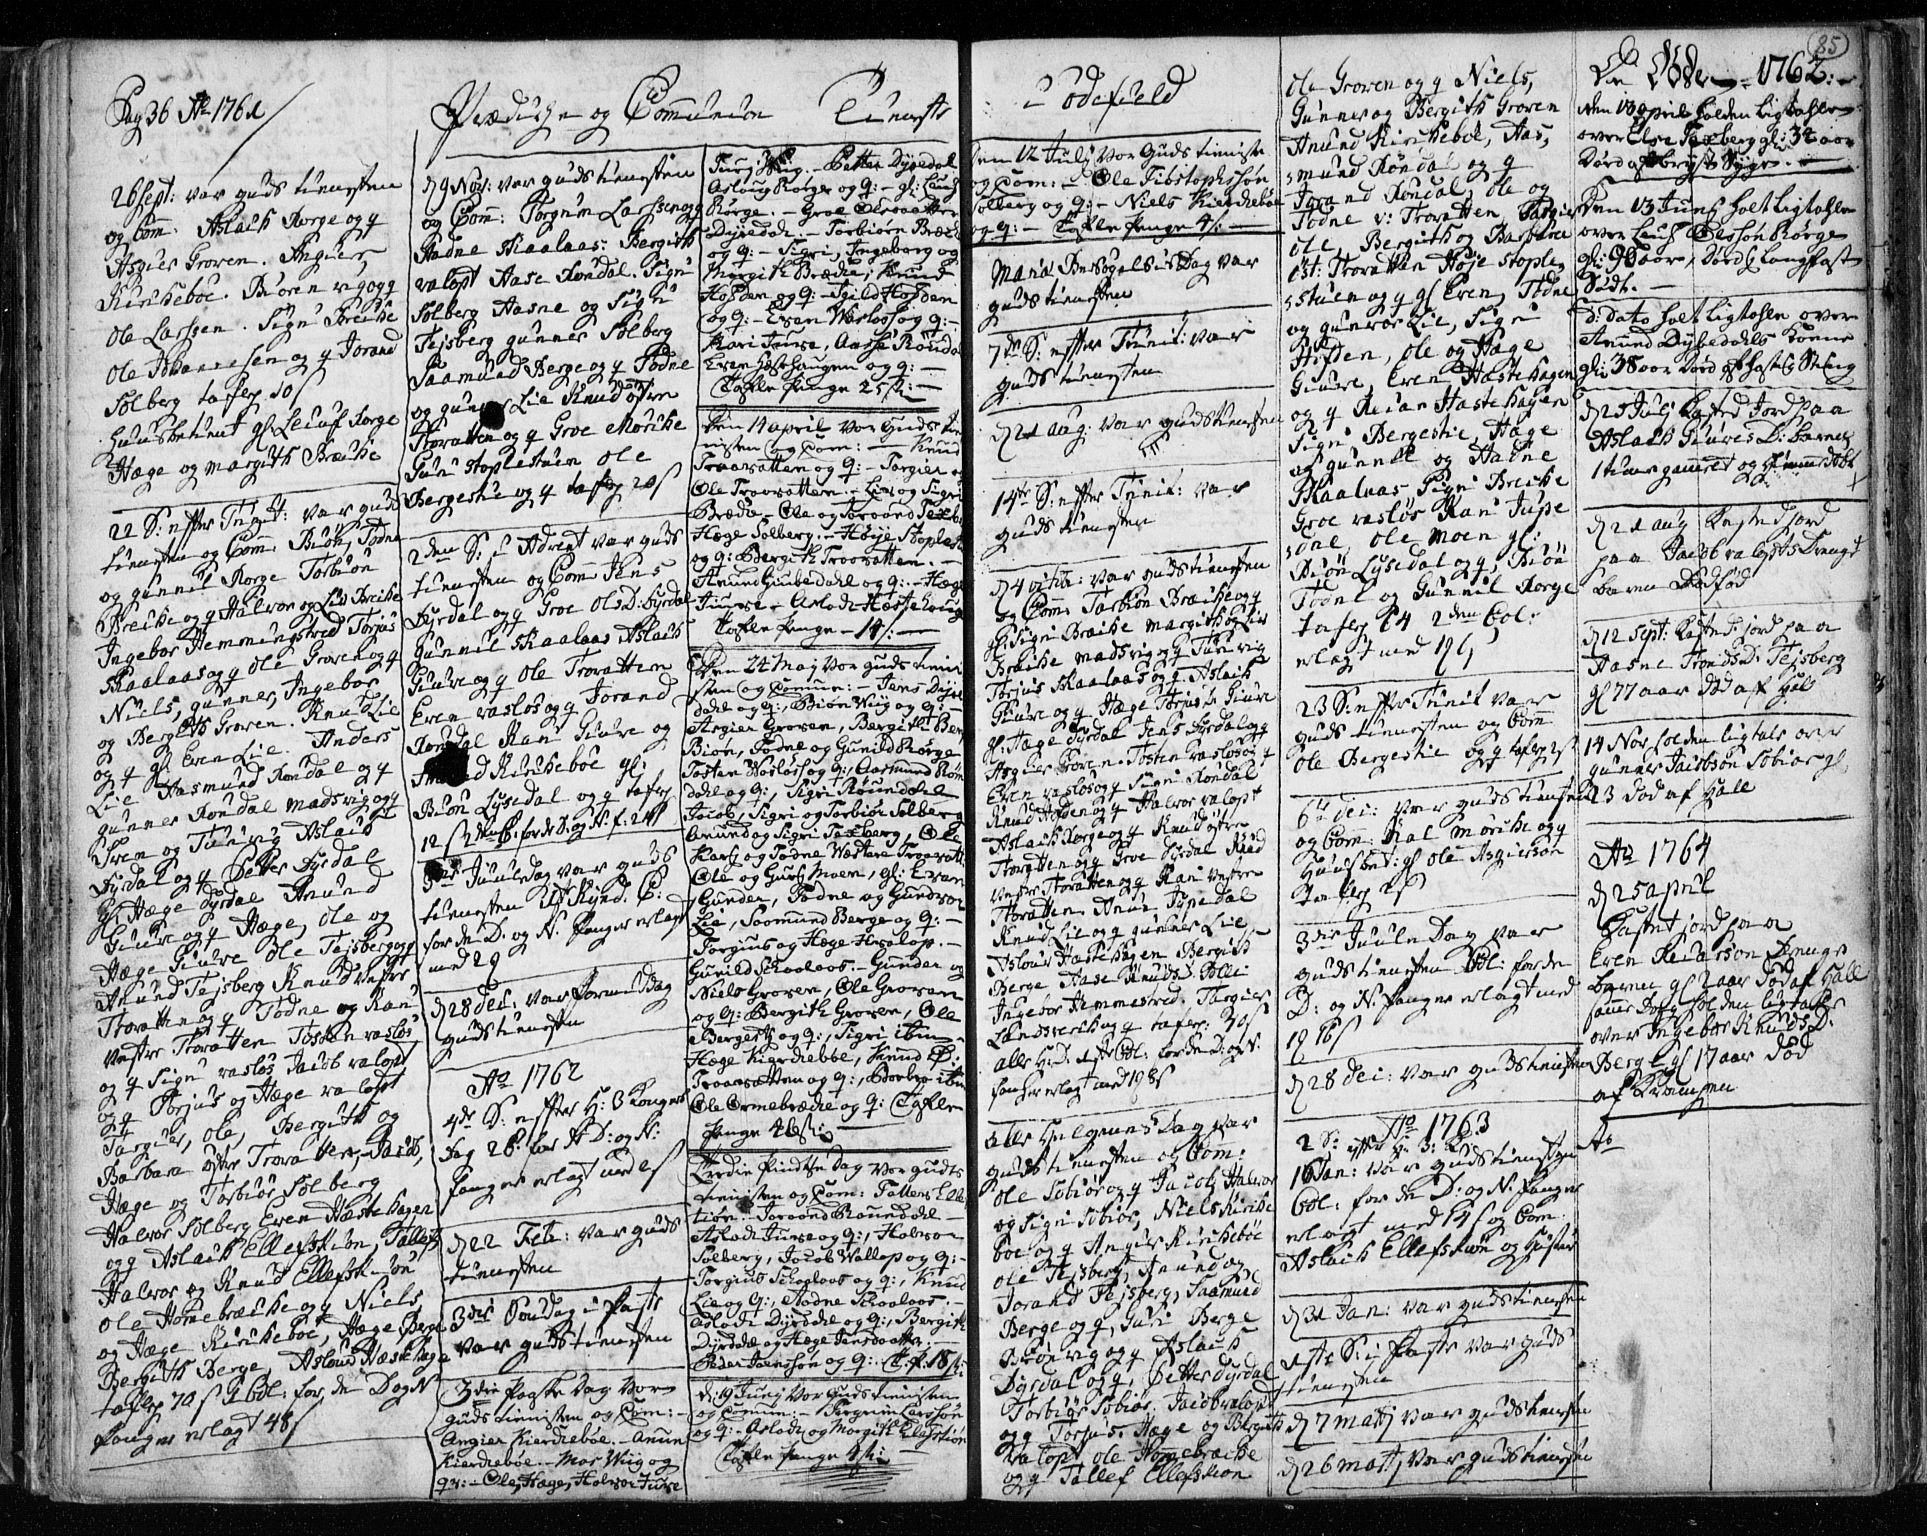 SAKO, Lårdal kirkebøker, F/Fa/L0003: Ministerialbok nr. I 3, 1754-1790, s. 85